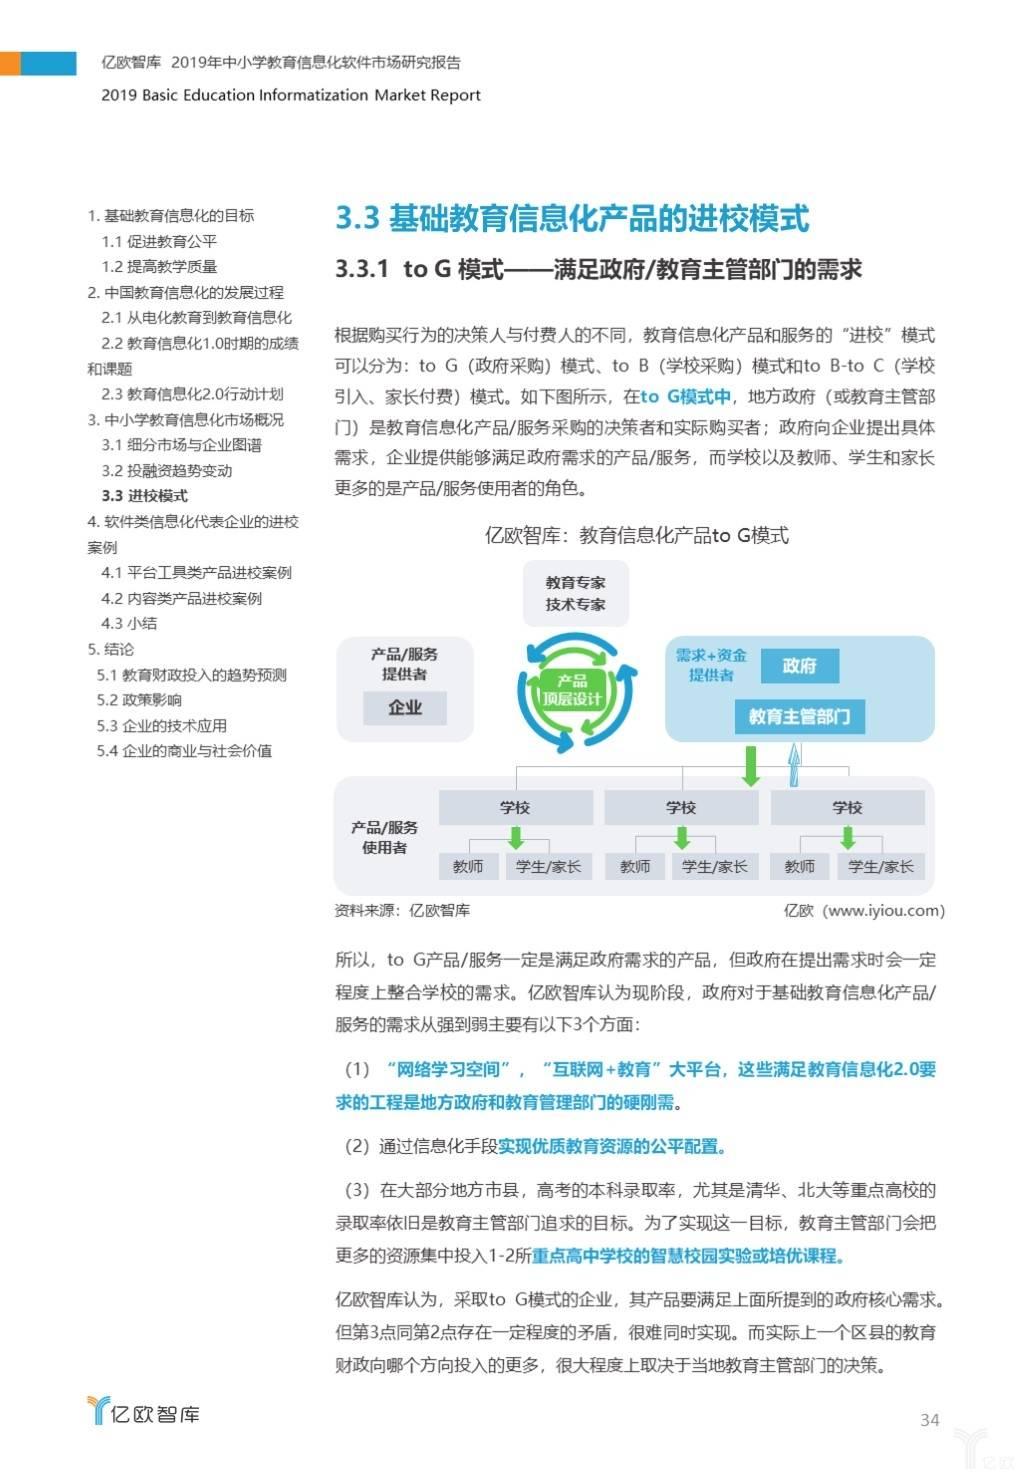 教育信息化toG模式.jpg